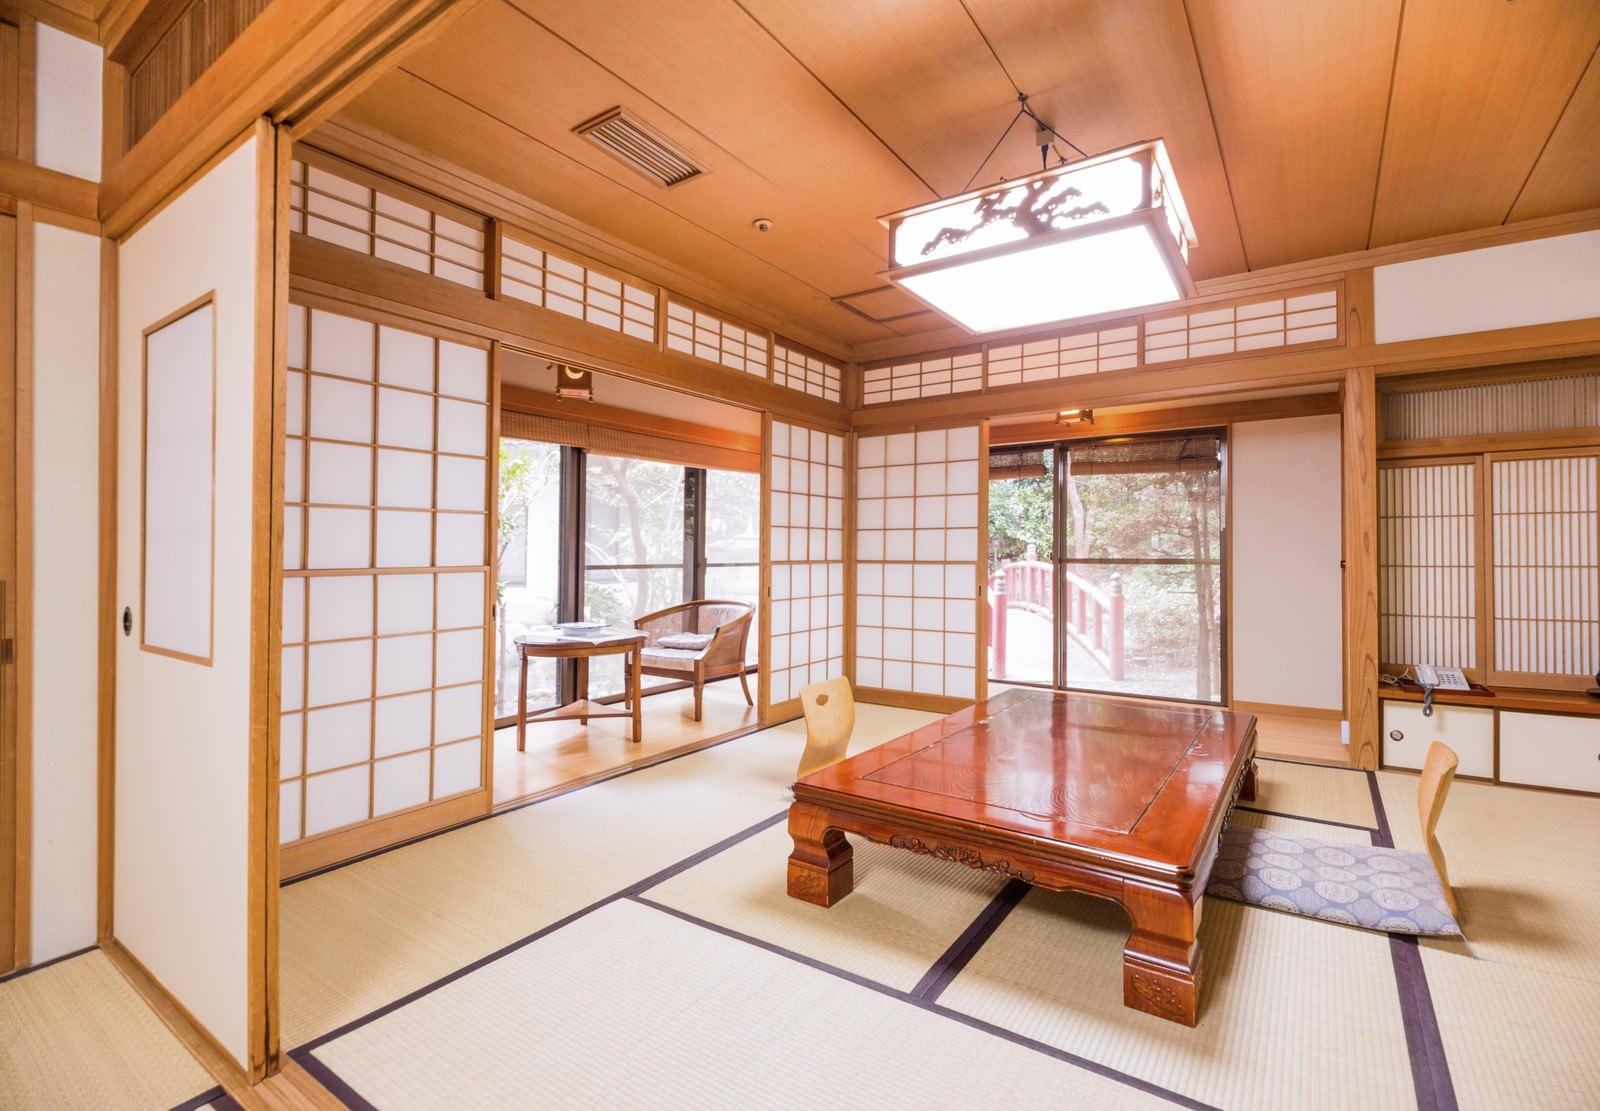 「家族で宿泊したくなる旅館の和室(客室)」の写真